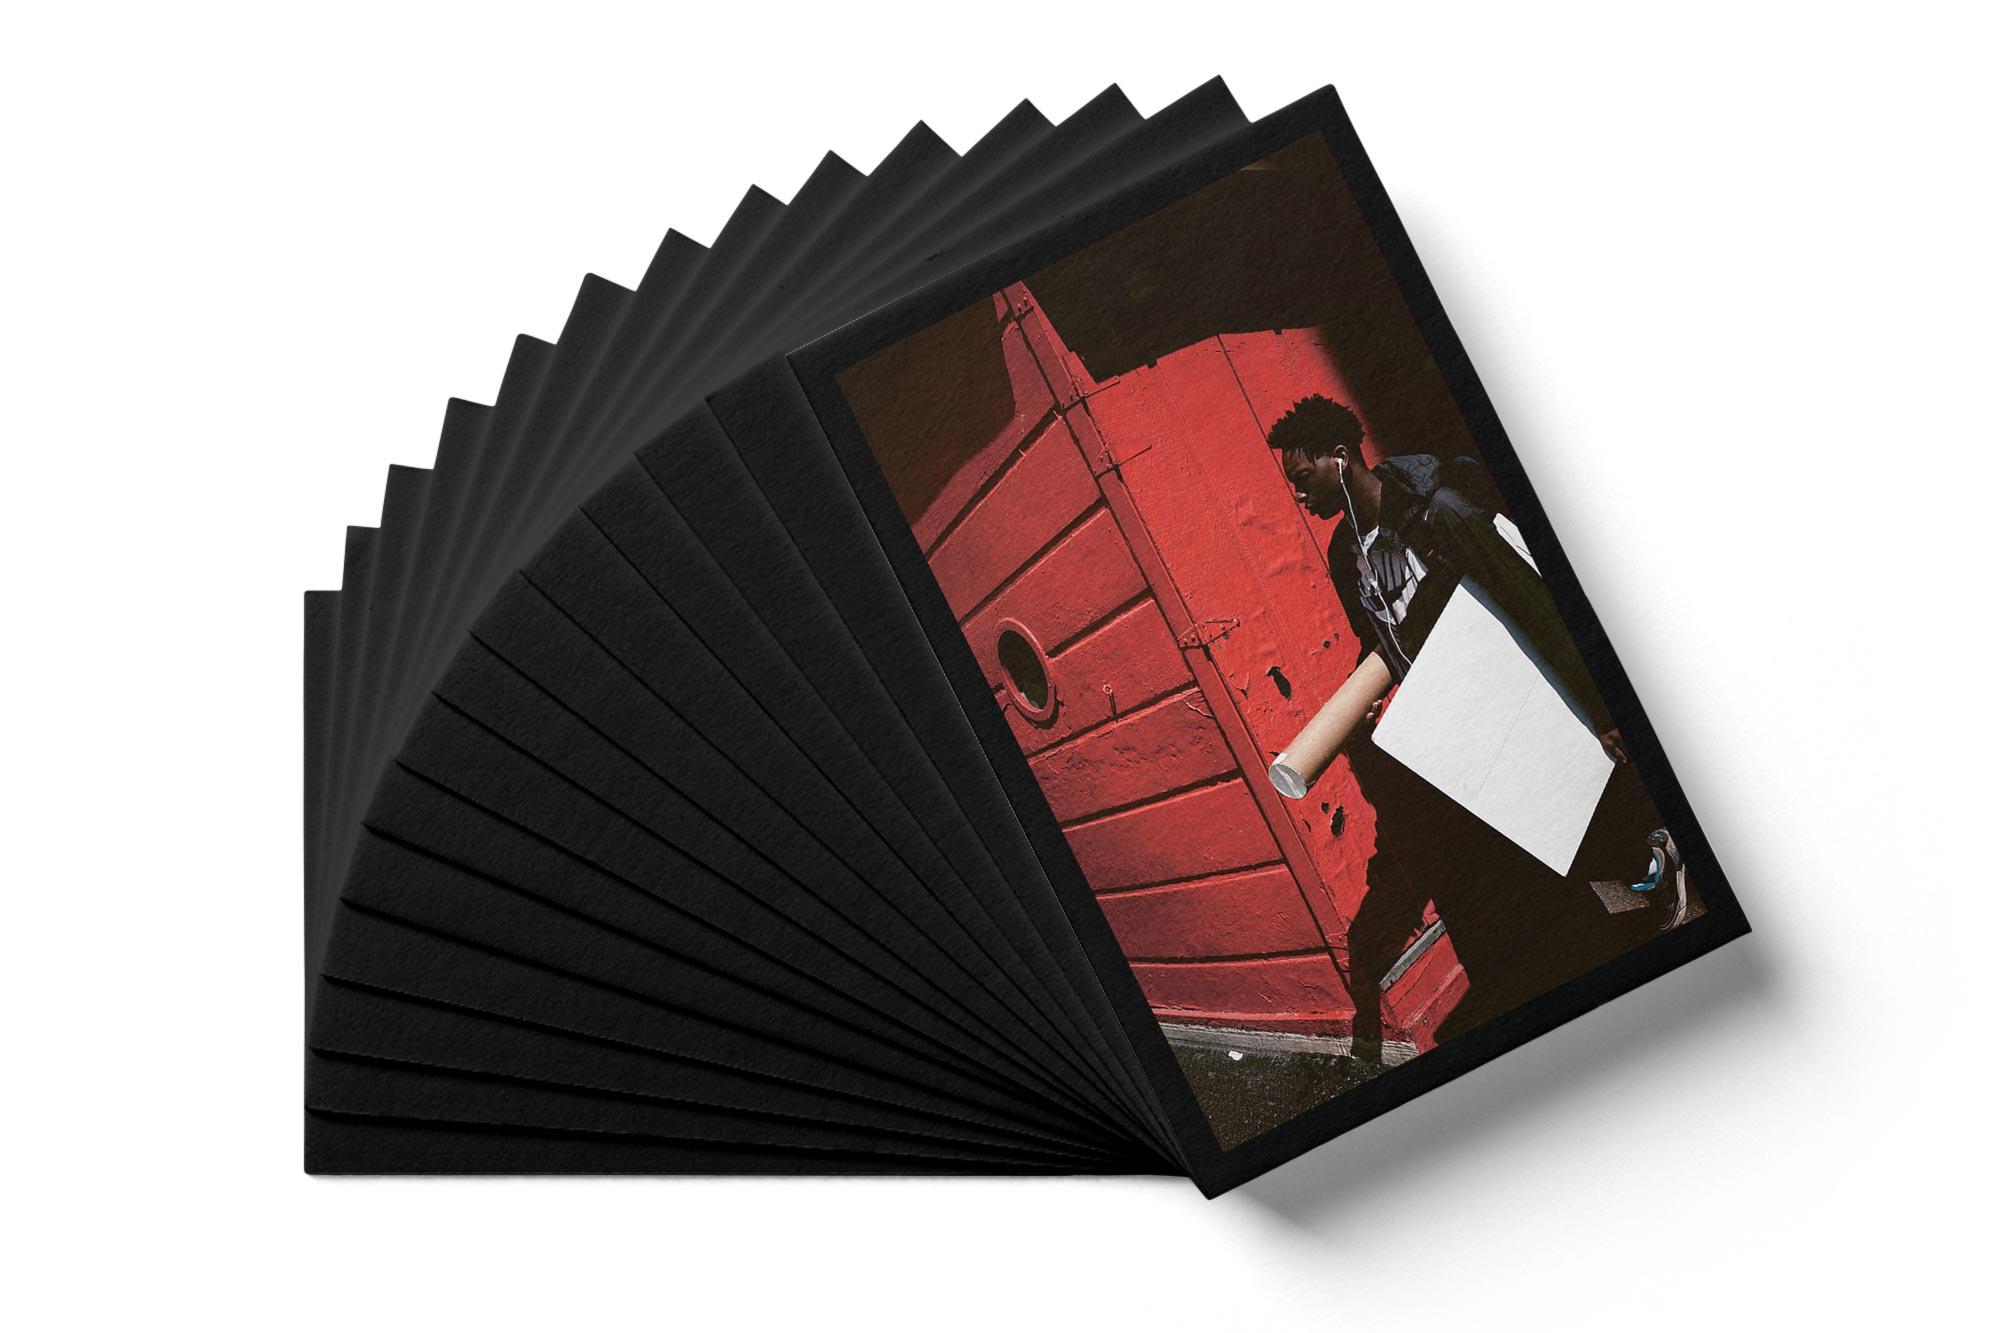 Postkarten für die Ausstellung der Berufsfotografen Vorarlberg – Bernhard Hafele, viergestalten